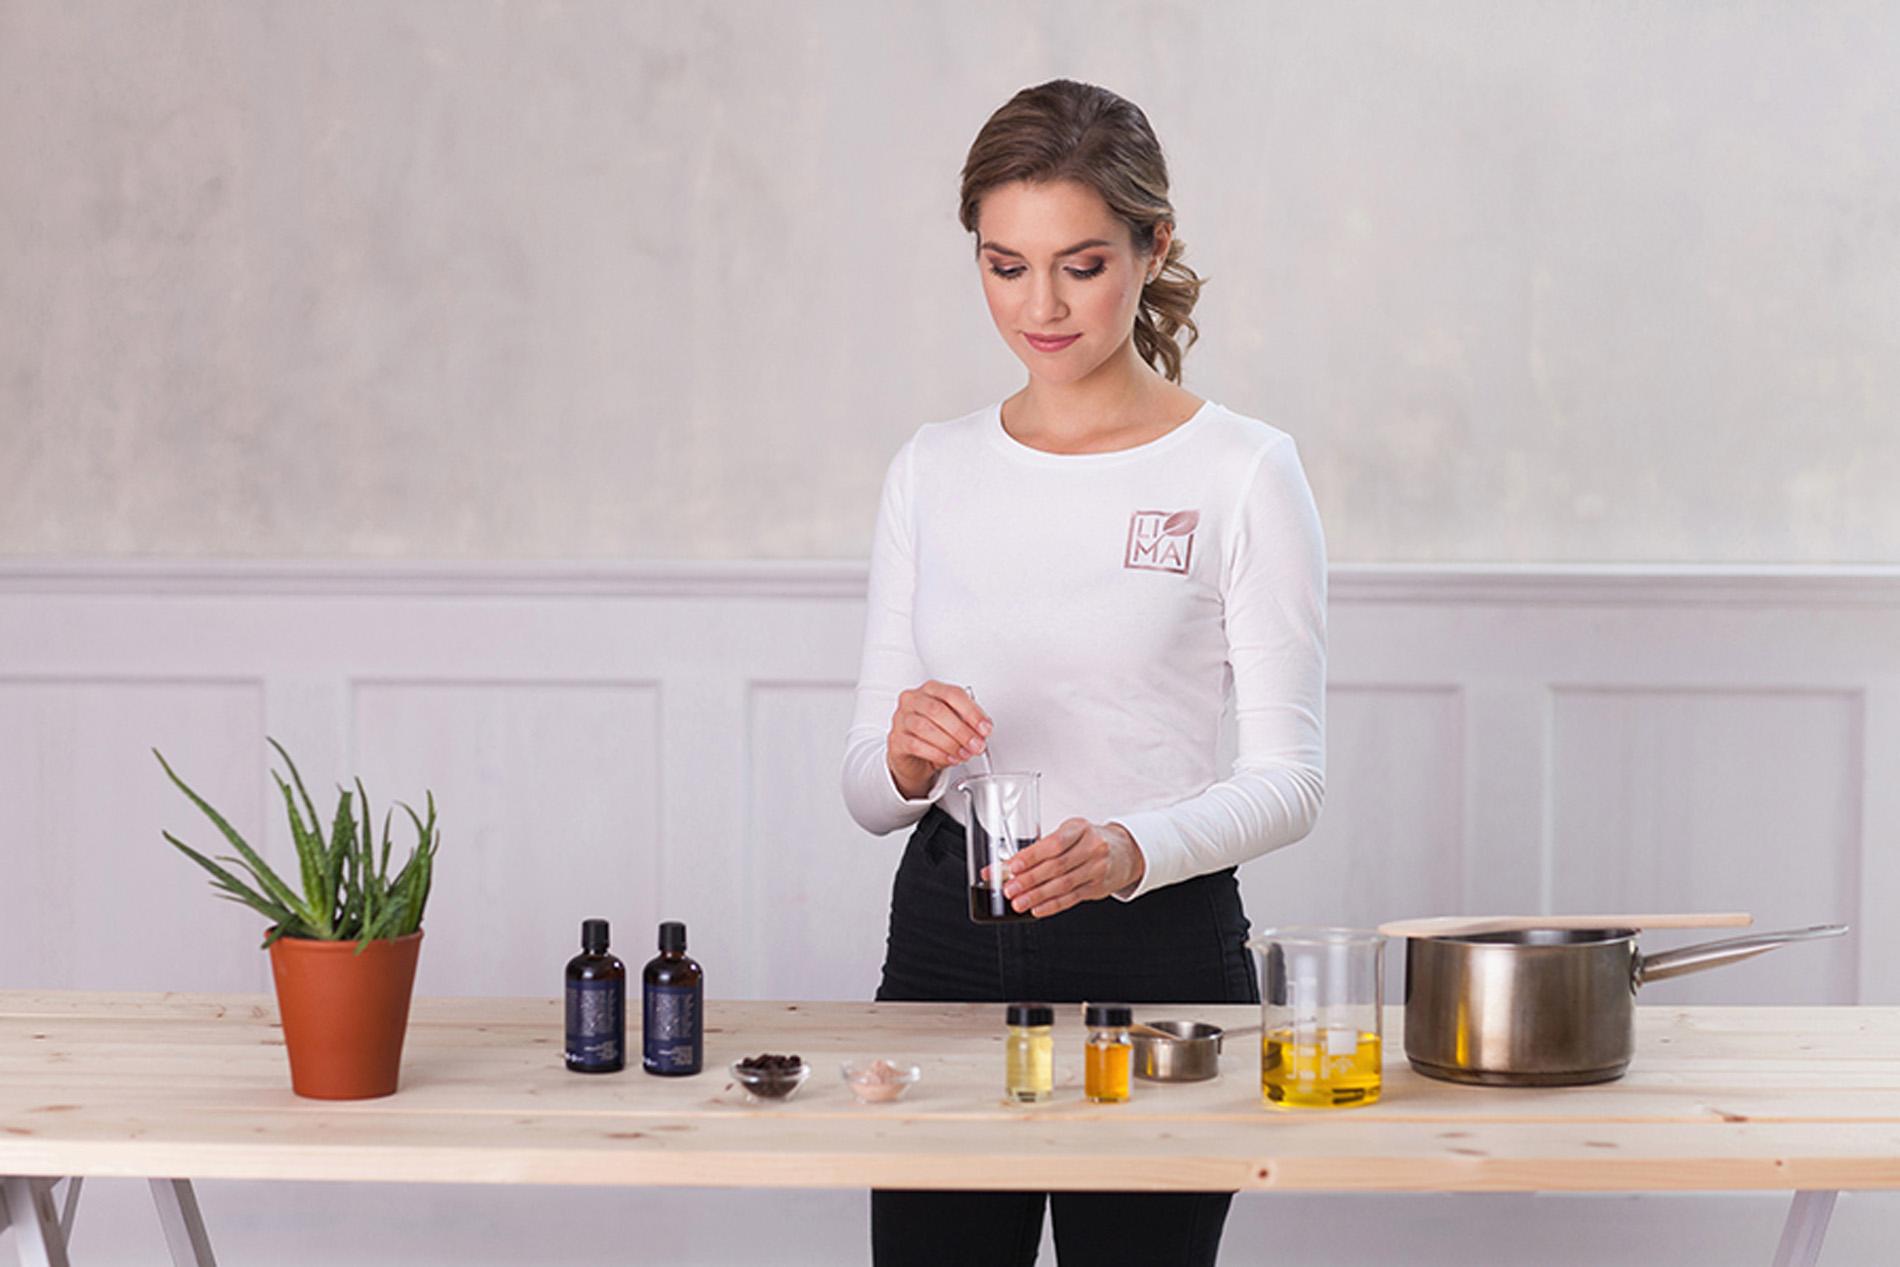 LIMA Cosmetics, Interview mit Marta von LIMA Cosmetics, Beauty Brand, LIMA, Interview, Naturkosmetik, Indie Beauty Brand, Manufaktur